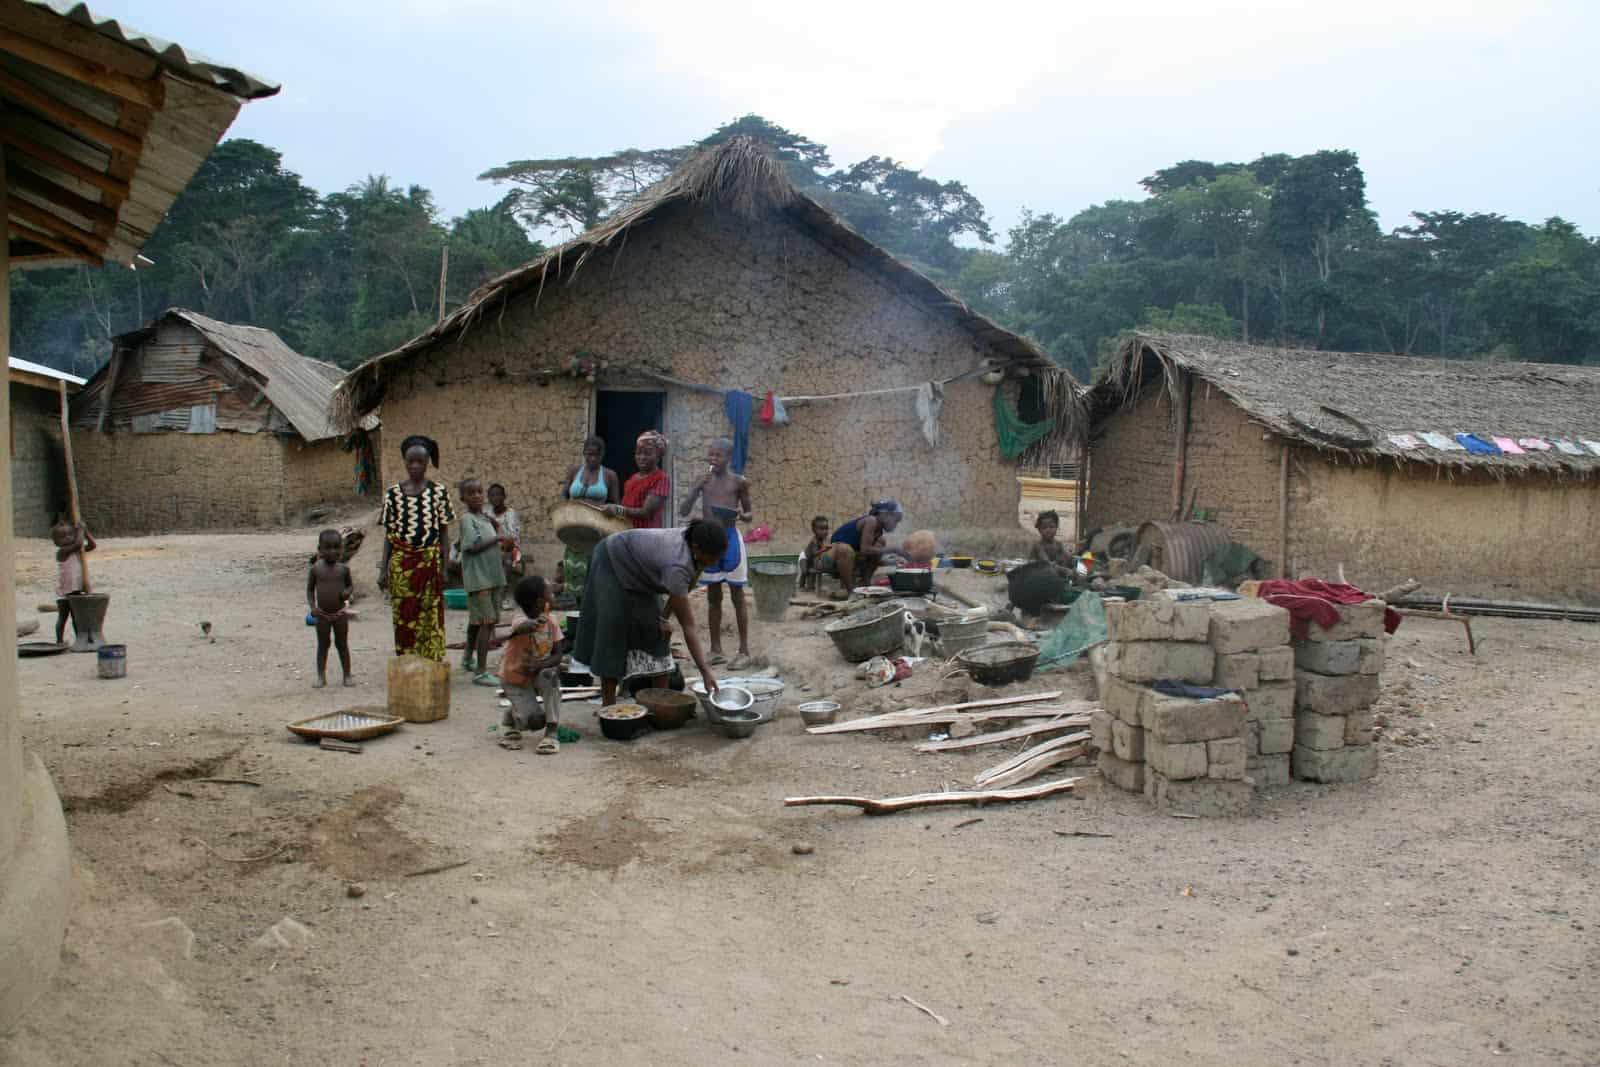 Feuerplatz in Liberia